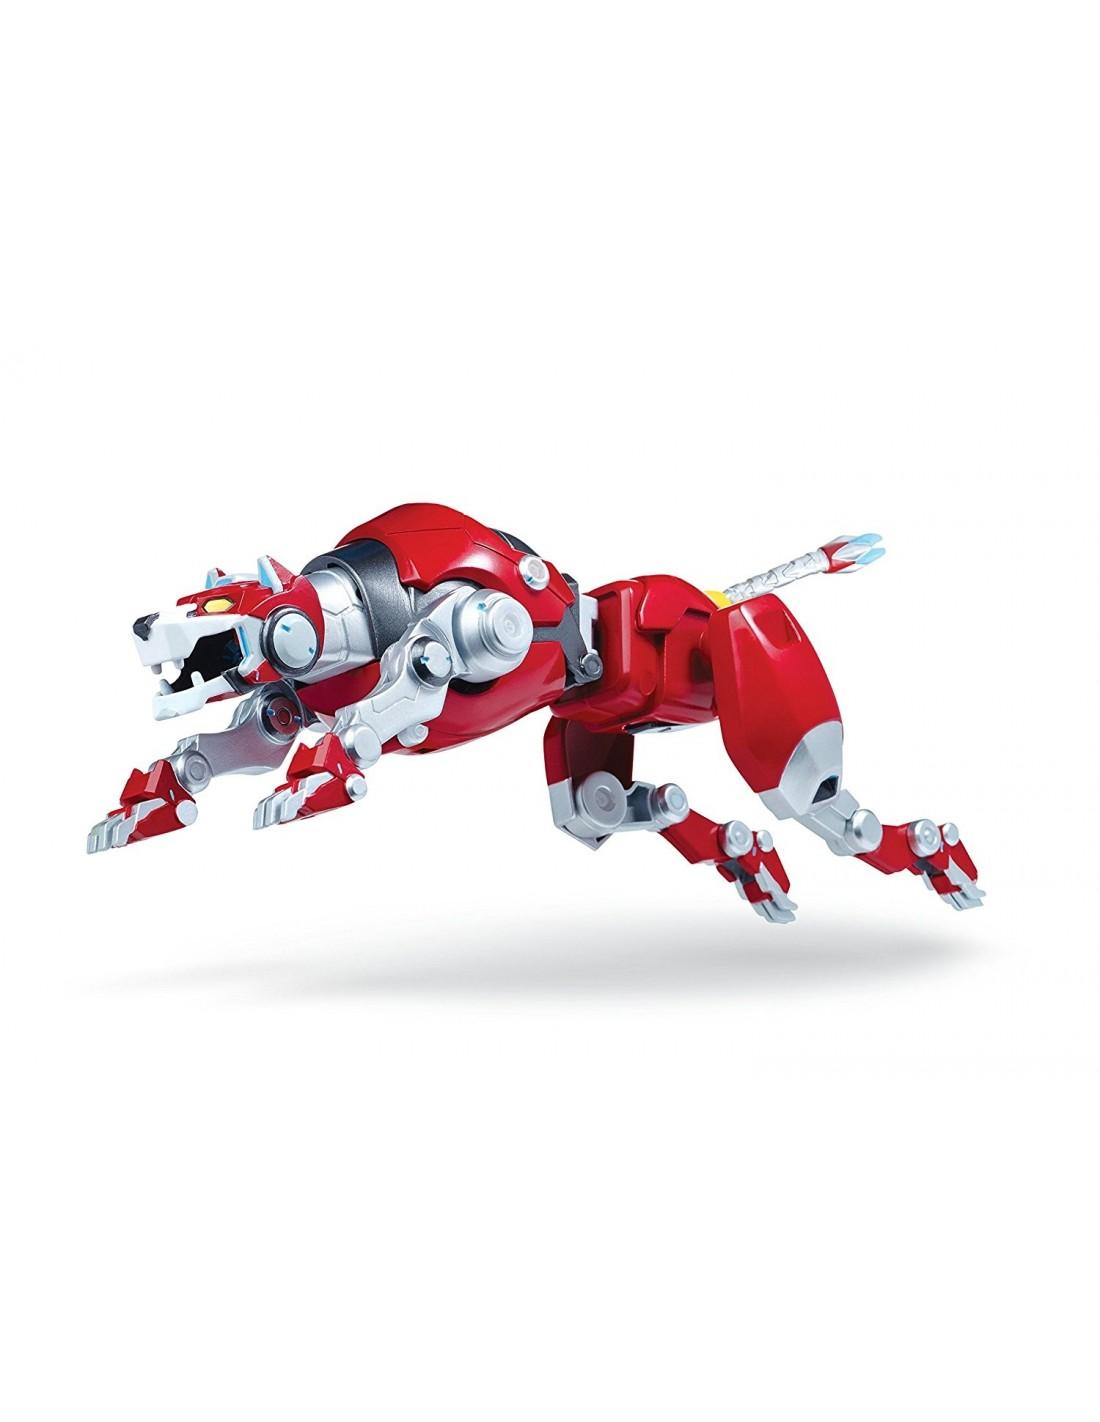 Giochi preziosi voltron defender red lion action figure pvc cm